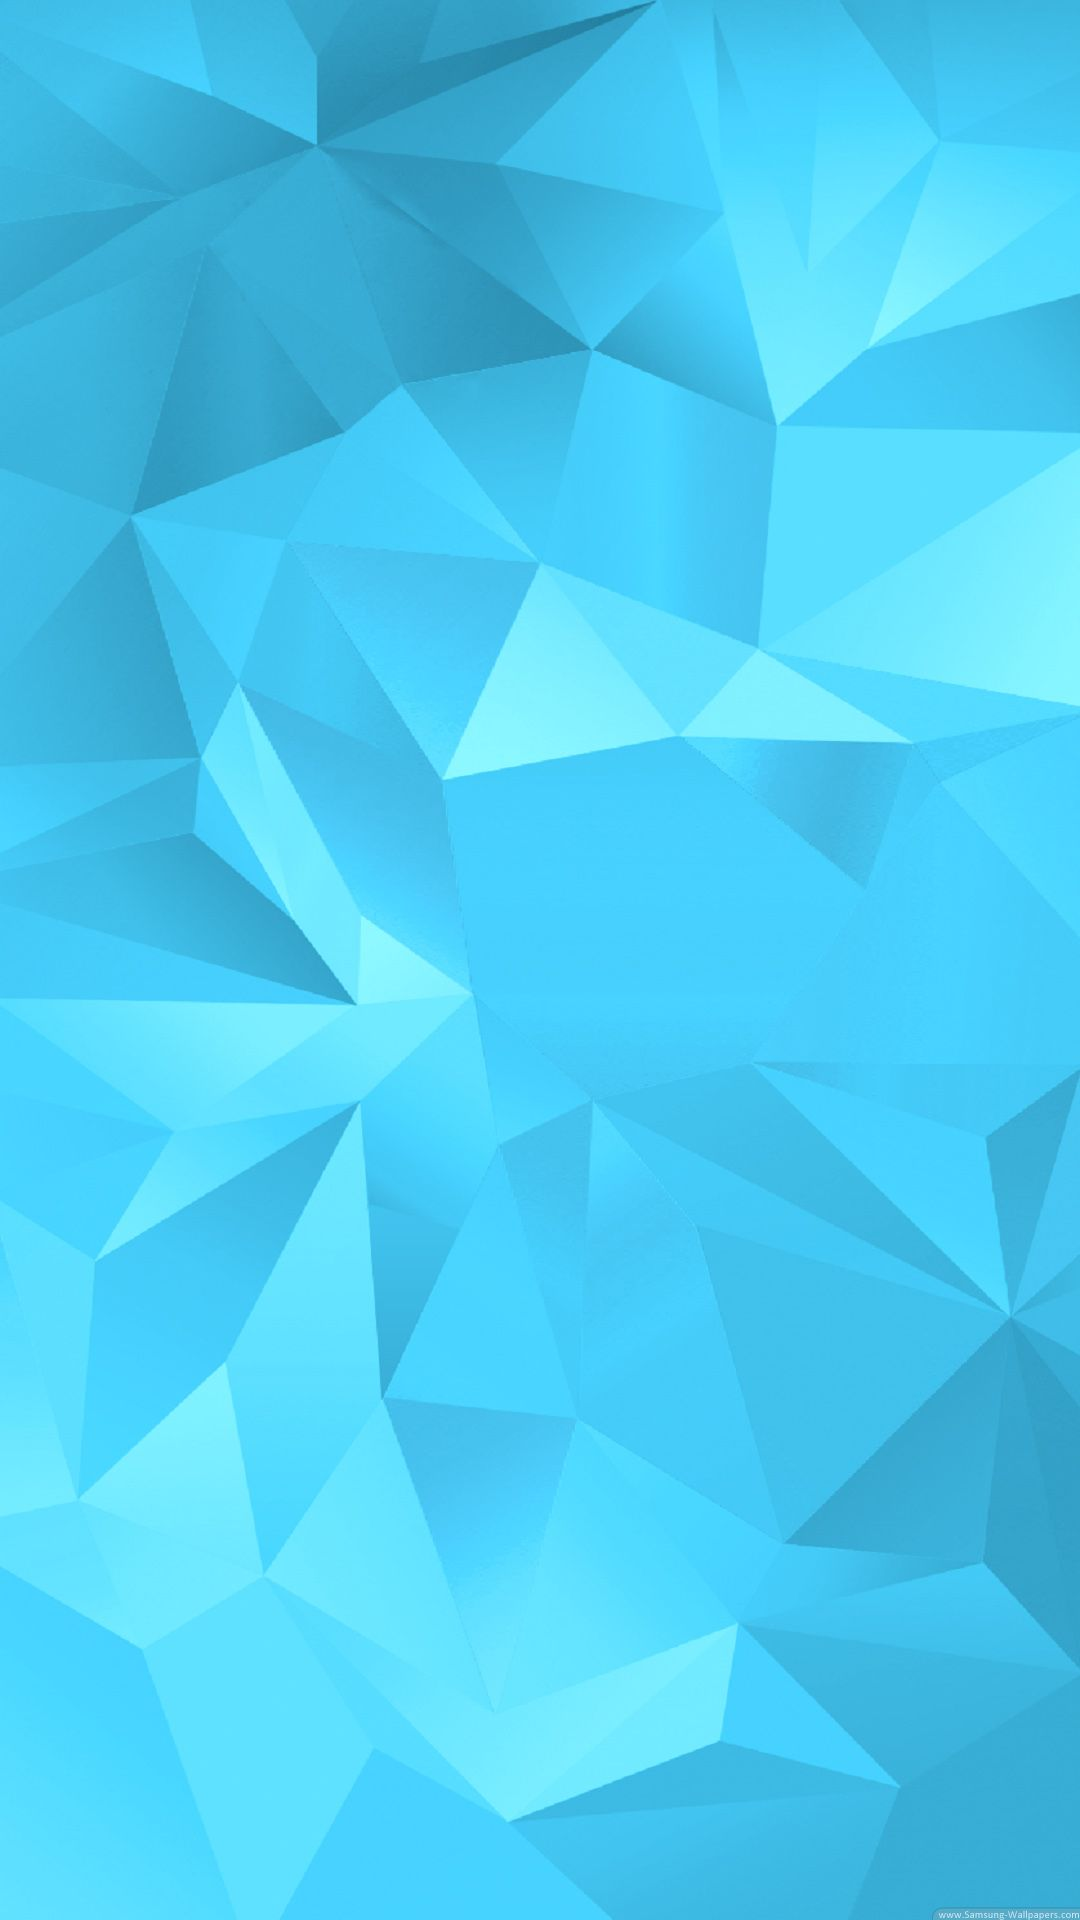 Samsung Galaxy S5 Wallpaper Official Blue 1080x1920 Lock Screen Samsung Wallpaper Iphone 5s Wallpaper Geometric Wallpaper Iphone